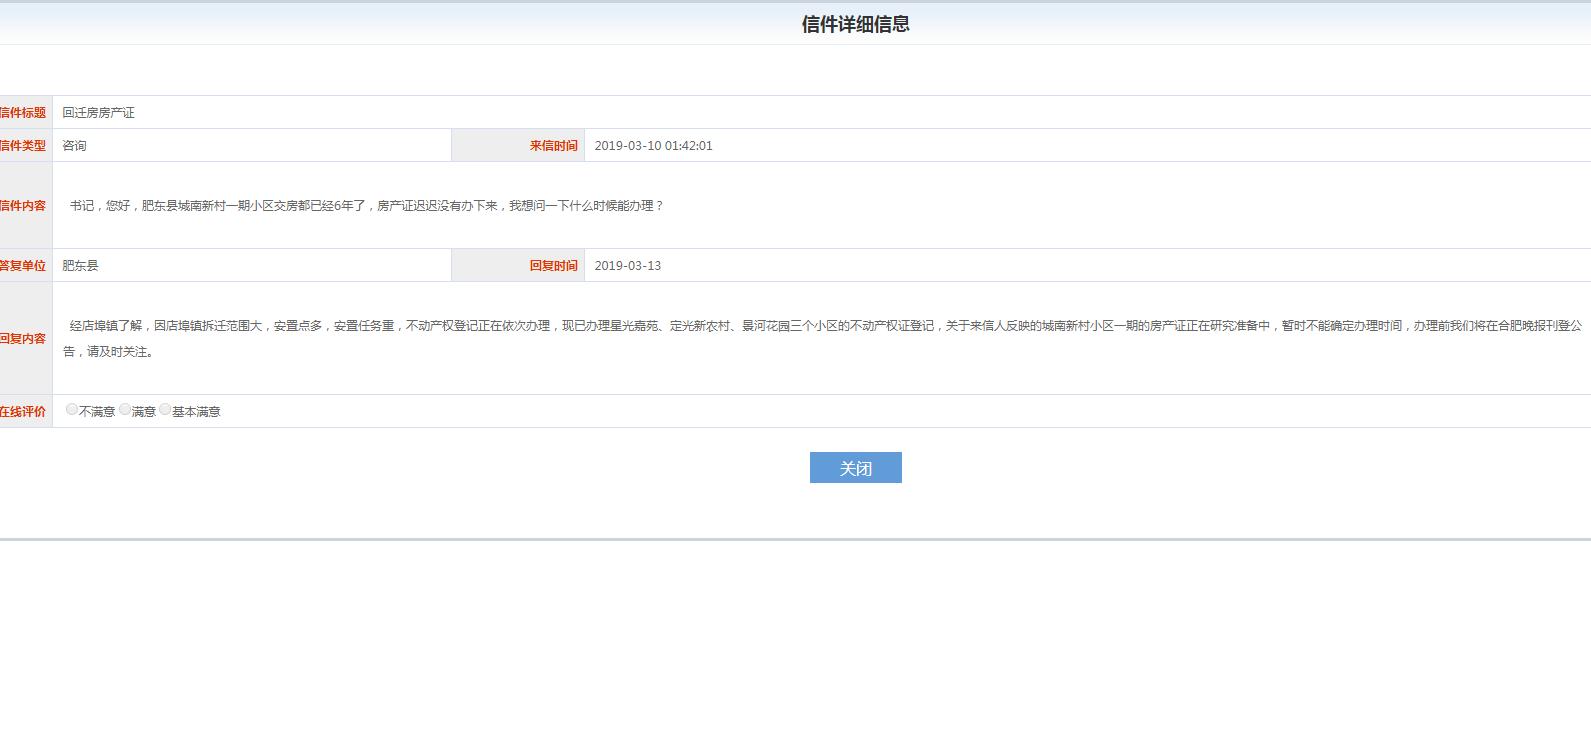 安徽肥东县一小区交房已6年还没房产证?官方回复